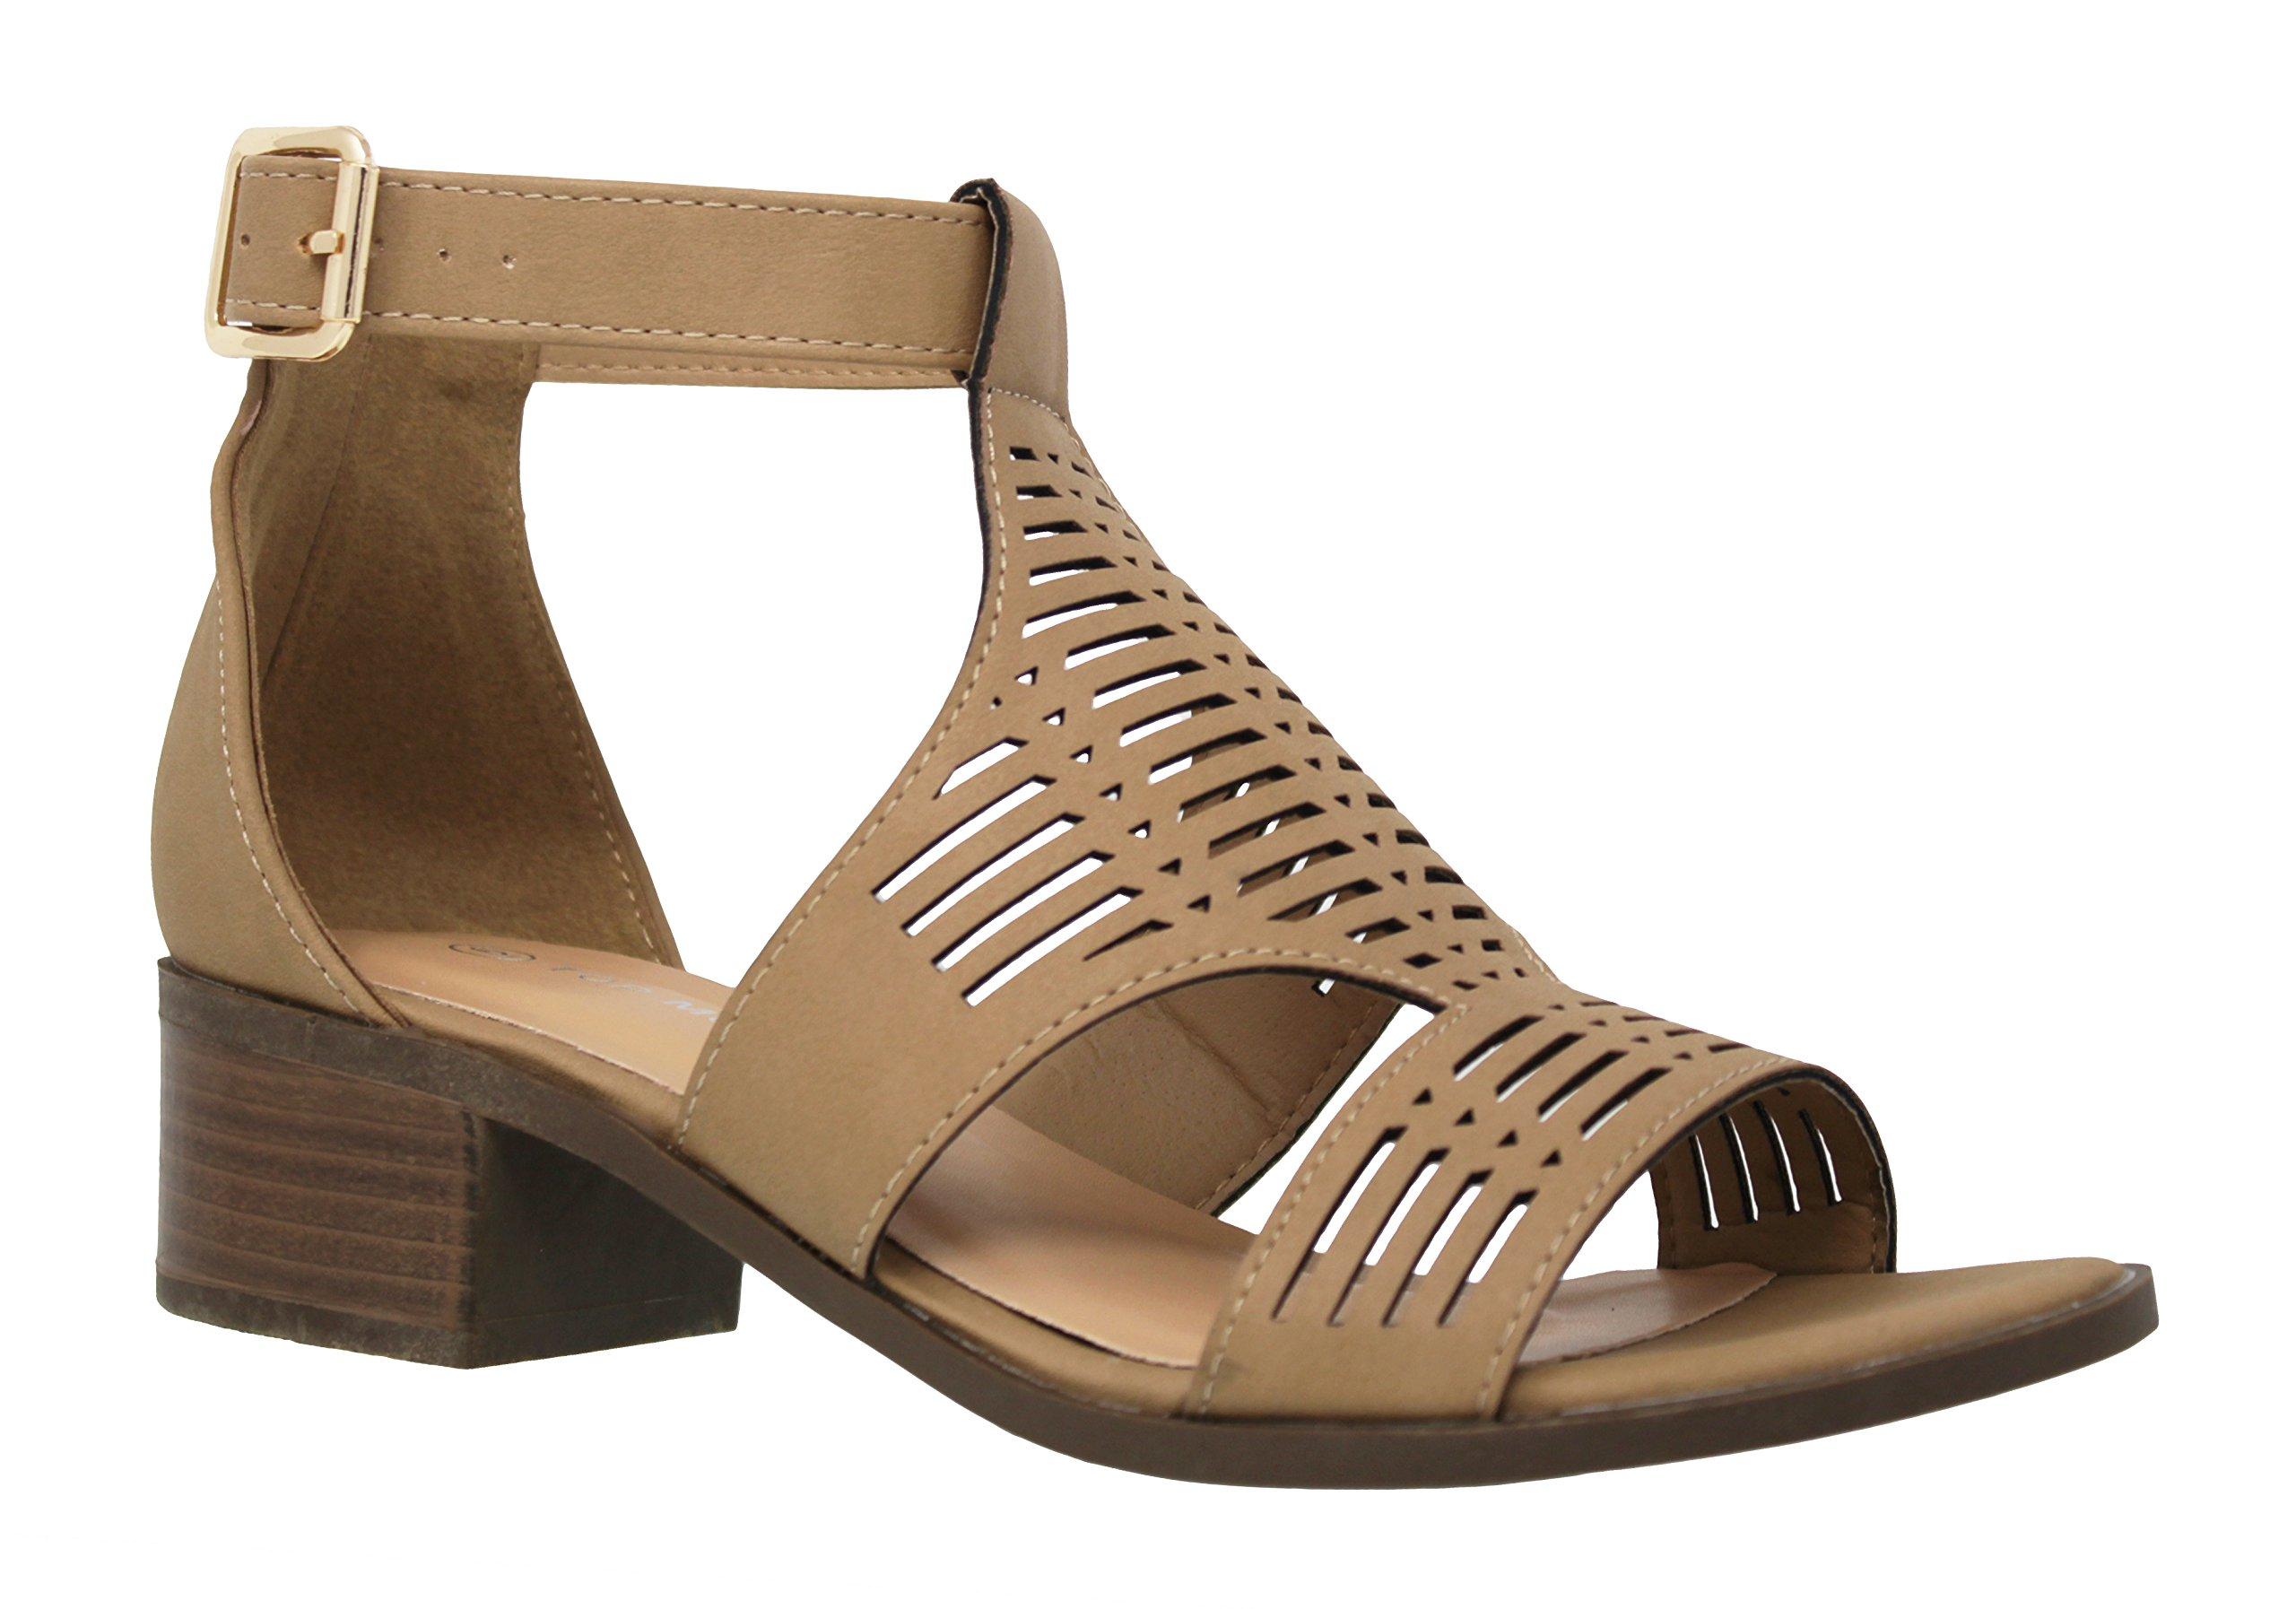 MVE Shoes Women's Cut Out Buckle Laser Decoration Open Toe, Tan Size 8